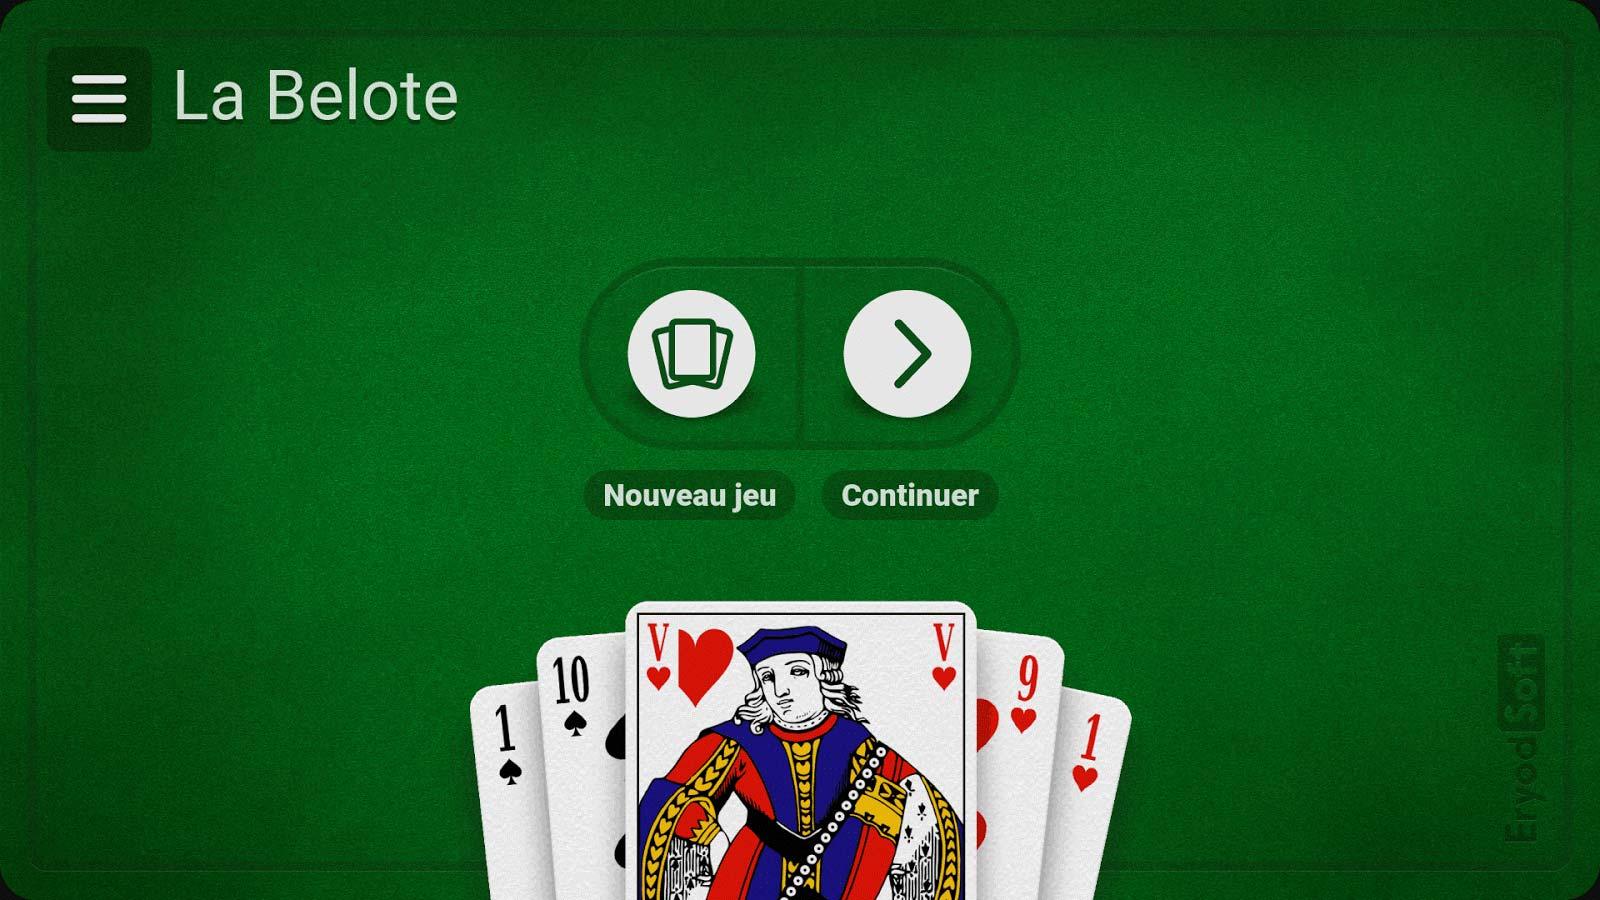 Casino italia slot